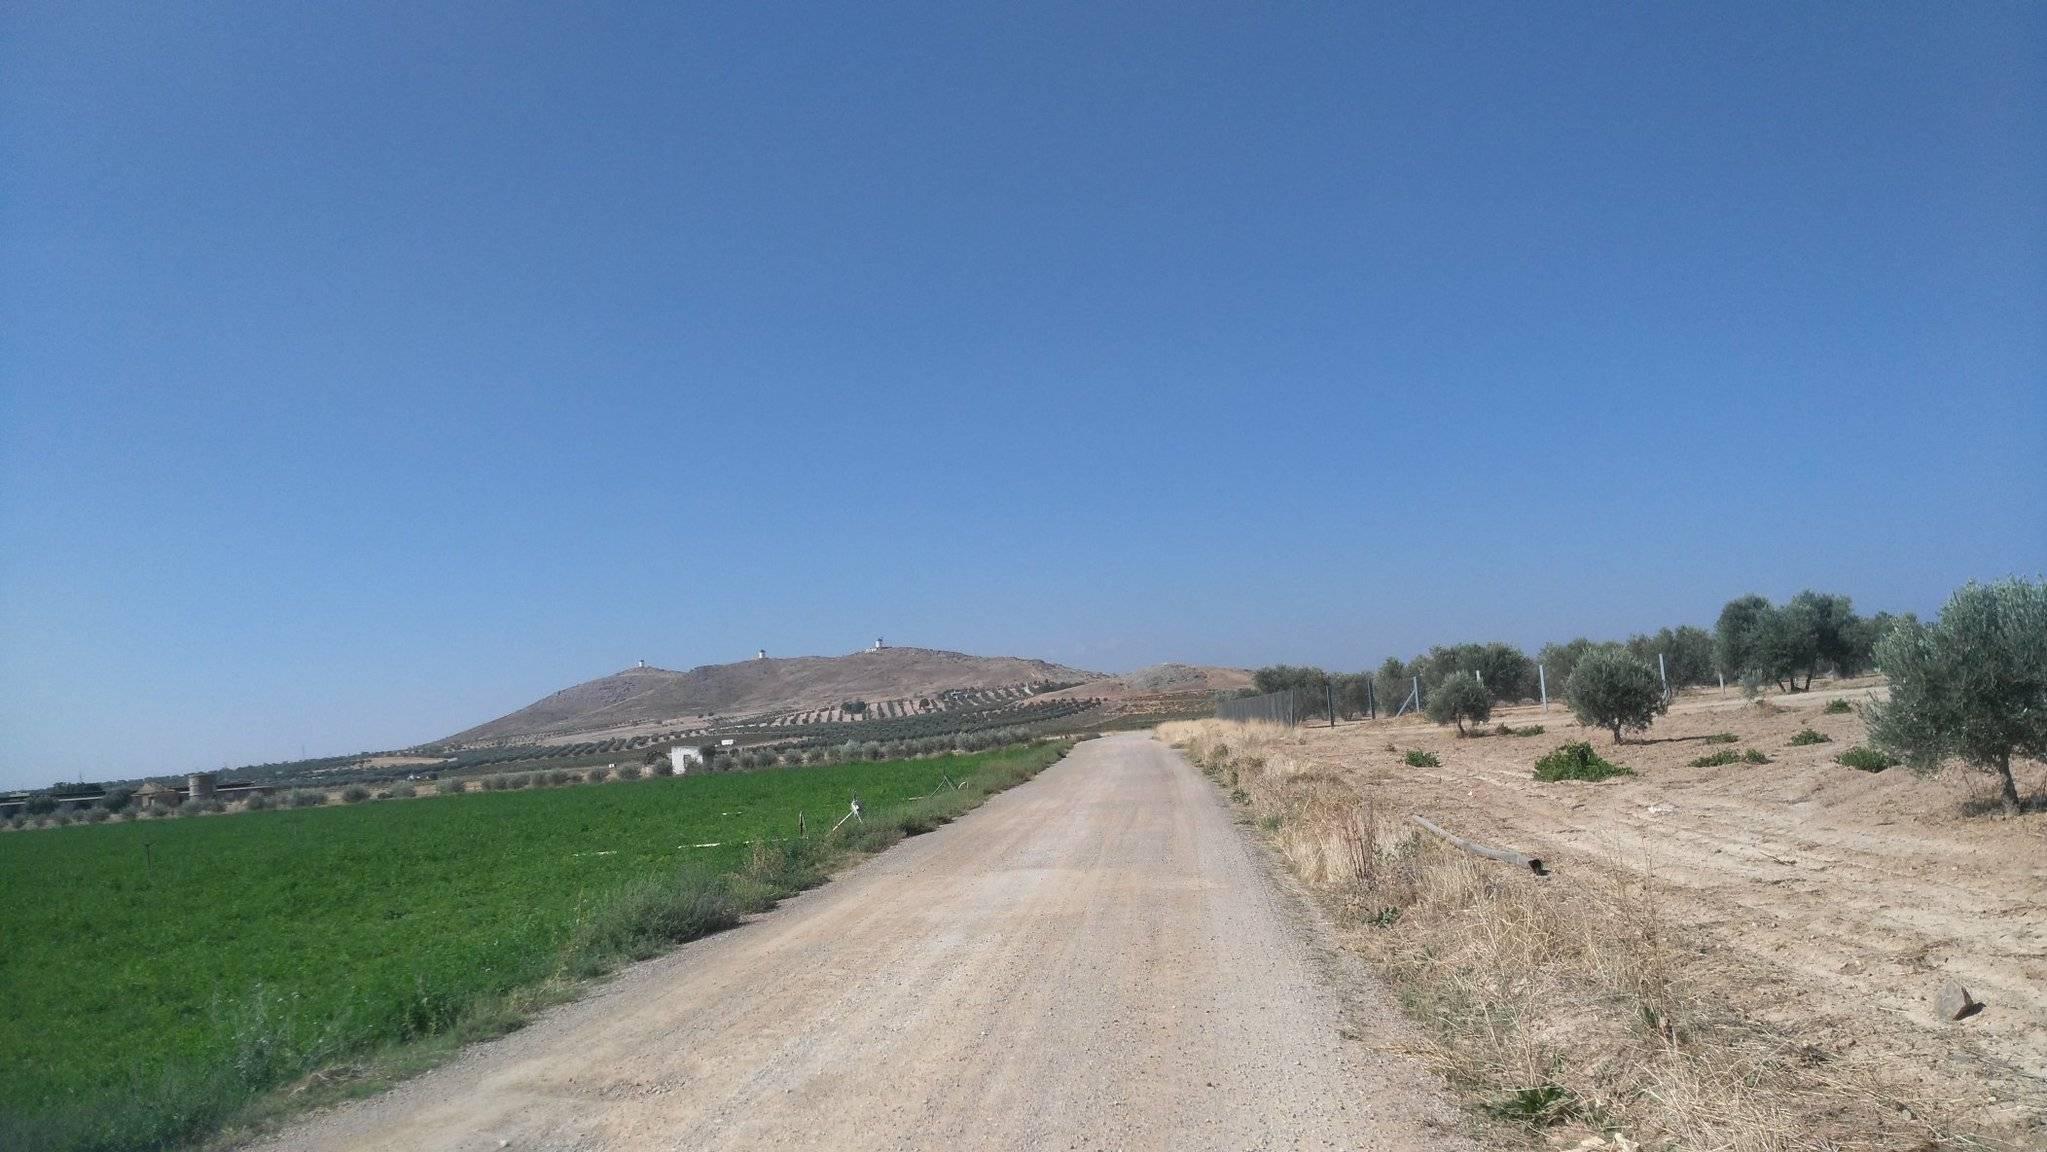 caminos de herencia ciudad real 2 - Próximos caminos rurales que serán arreglados en Herencia